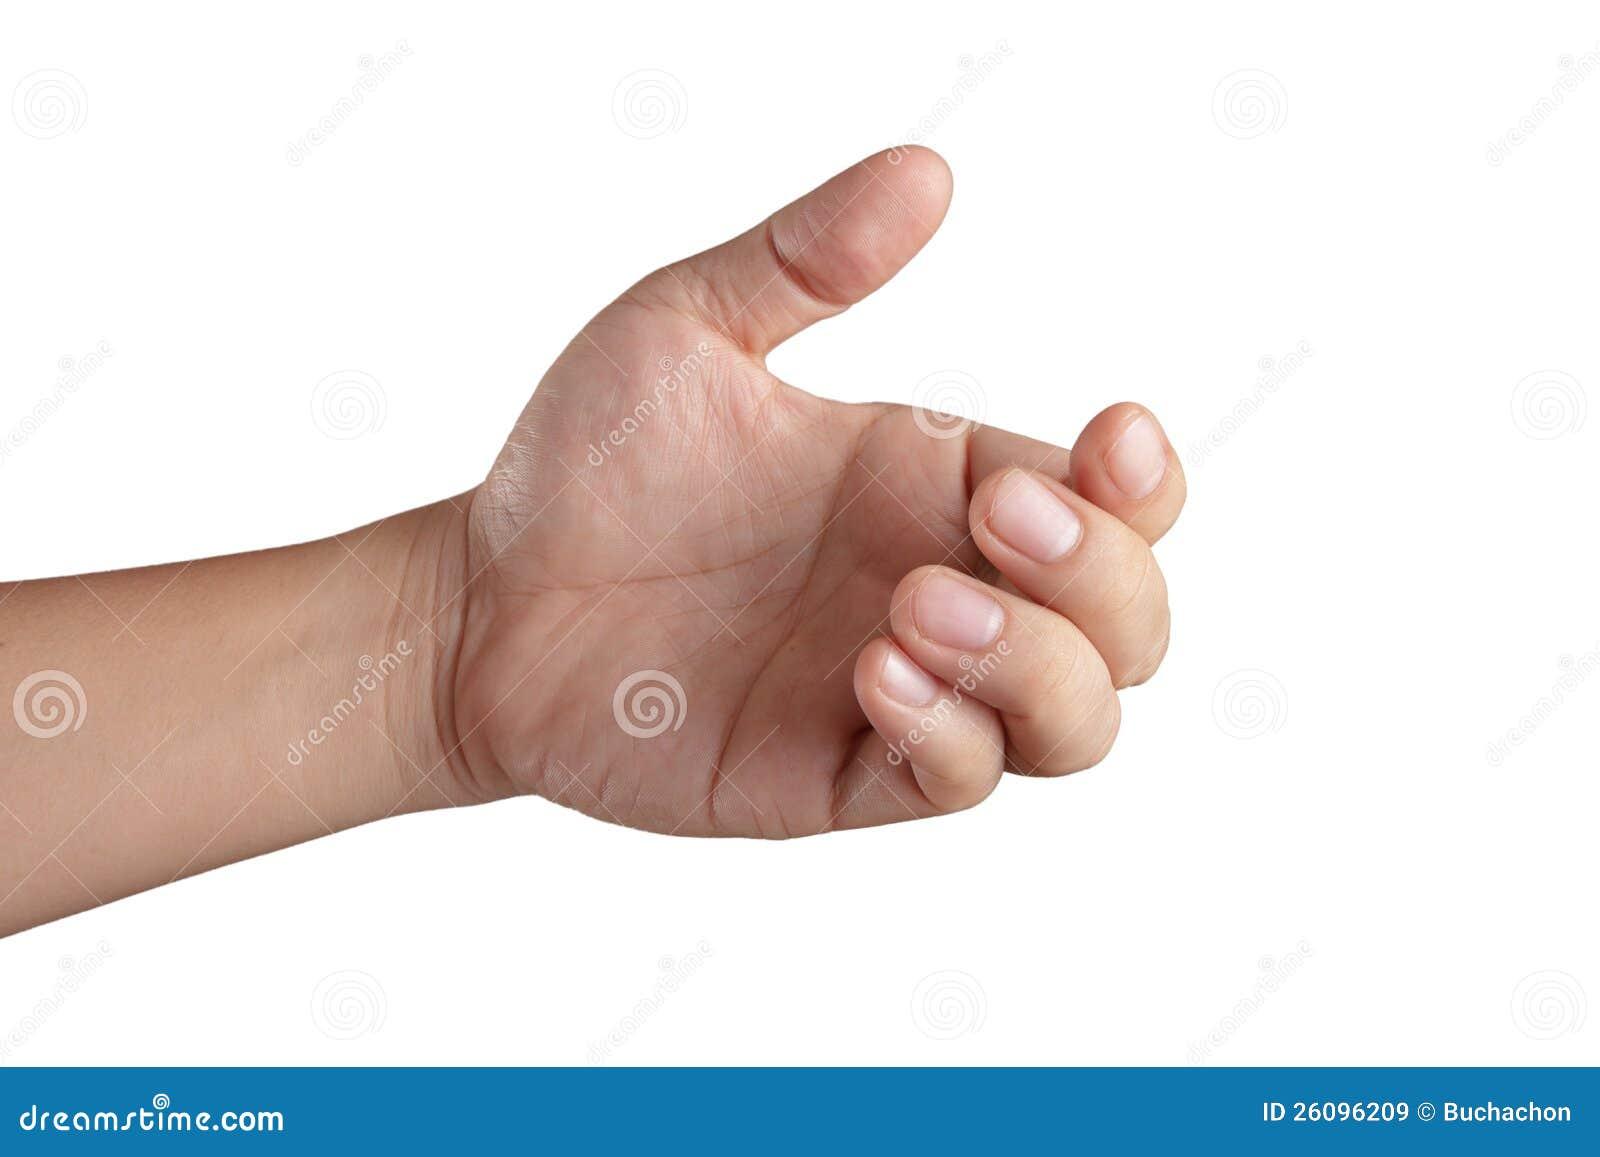 Ανοικτό χέρι που εμφανίζει και πέντε δάχτυλα